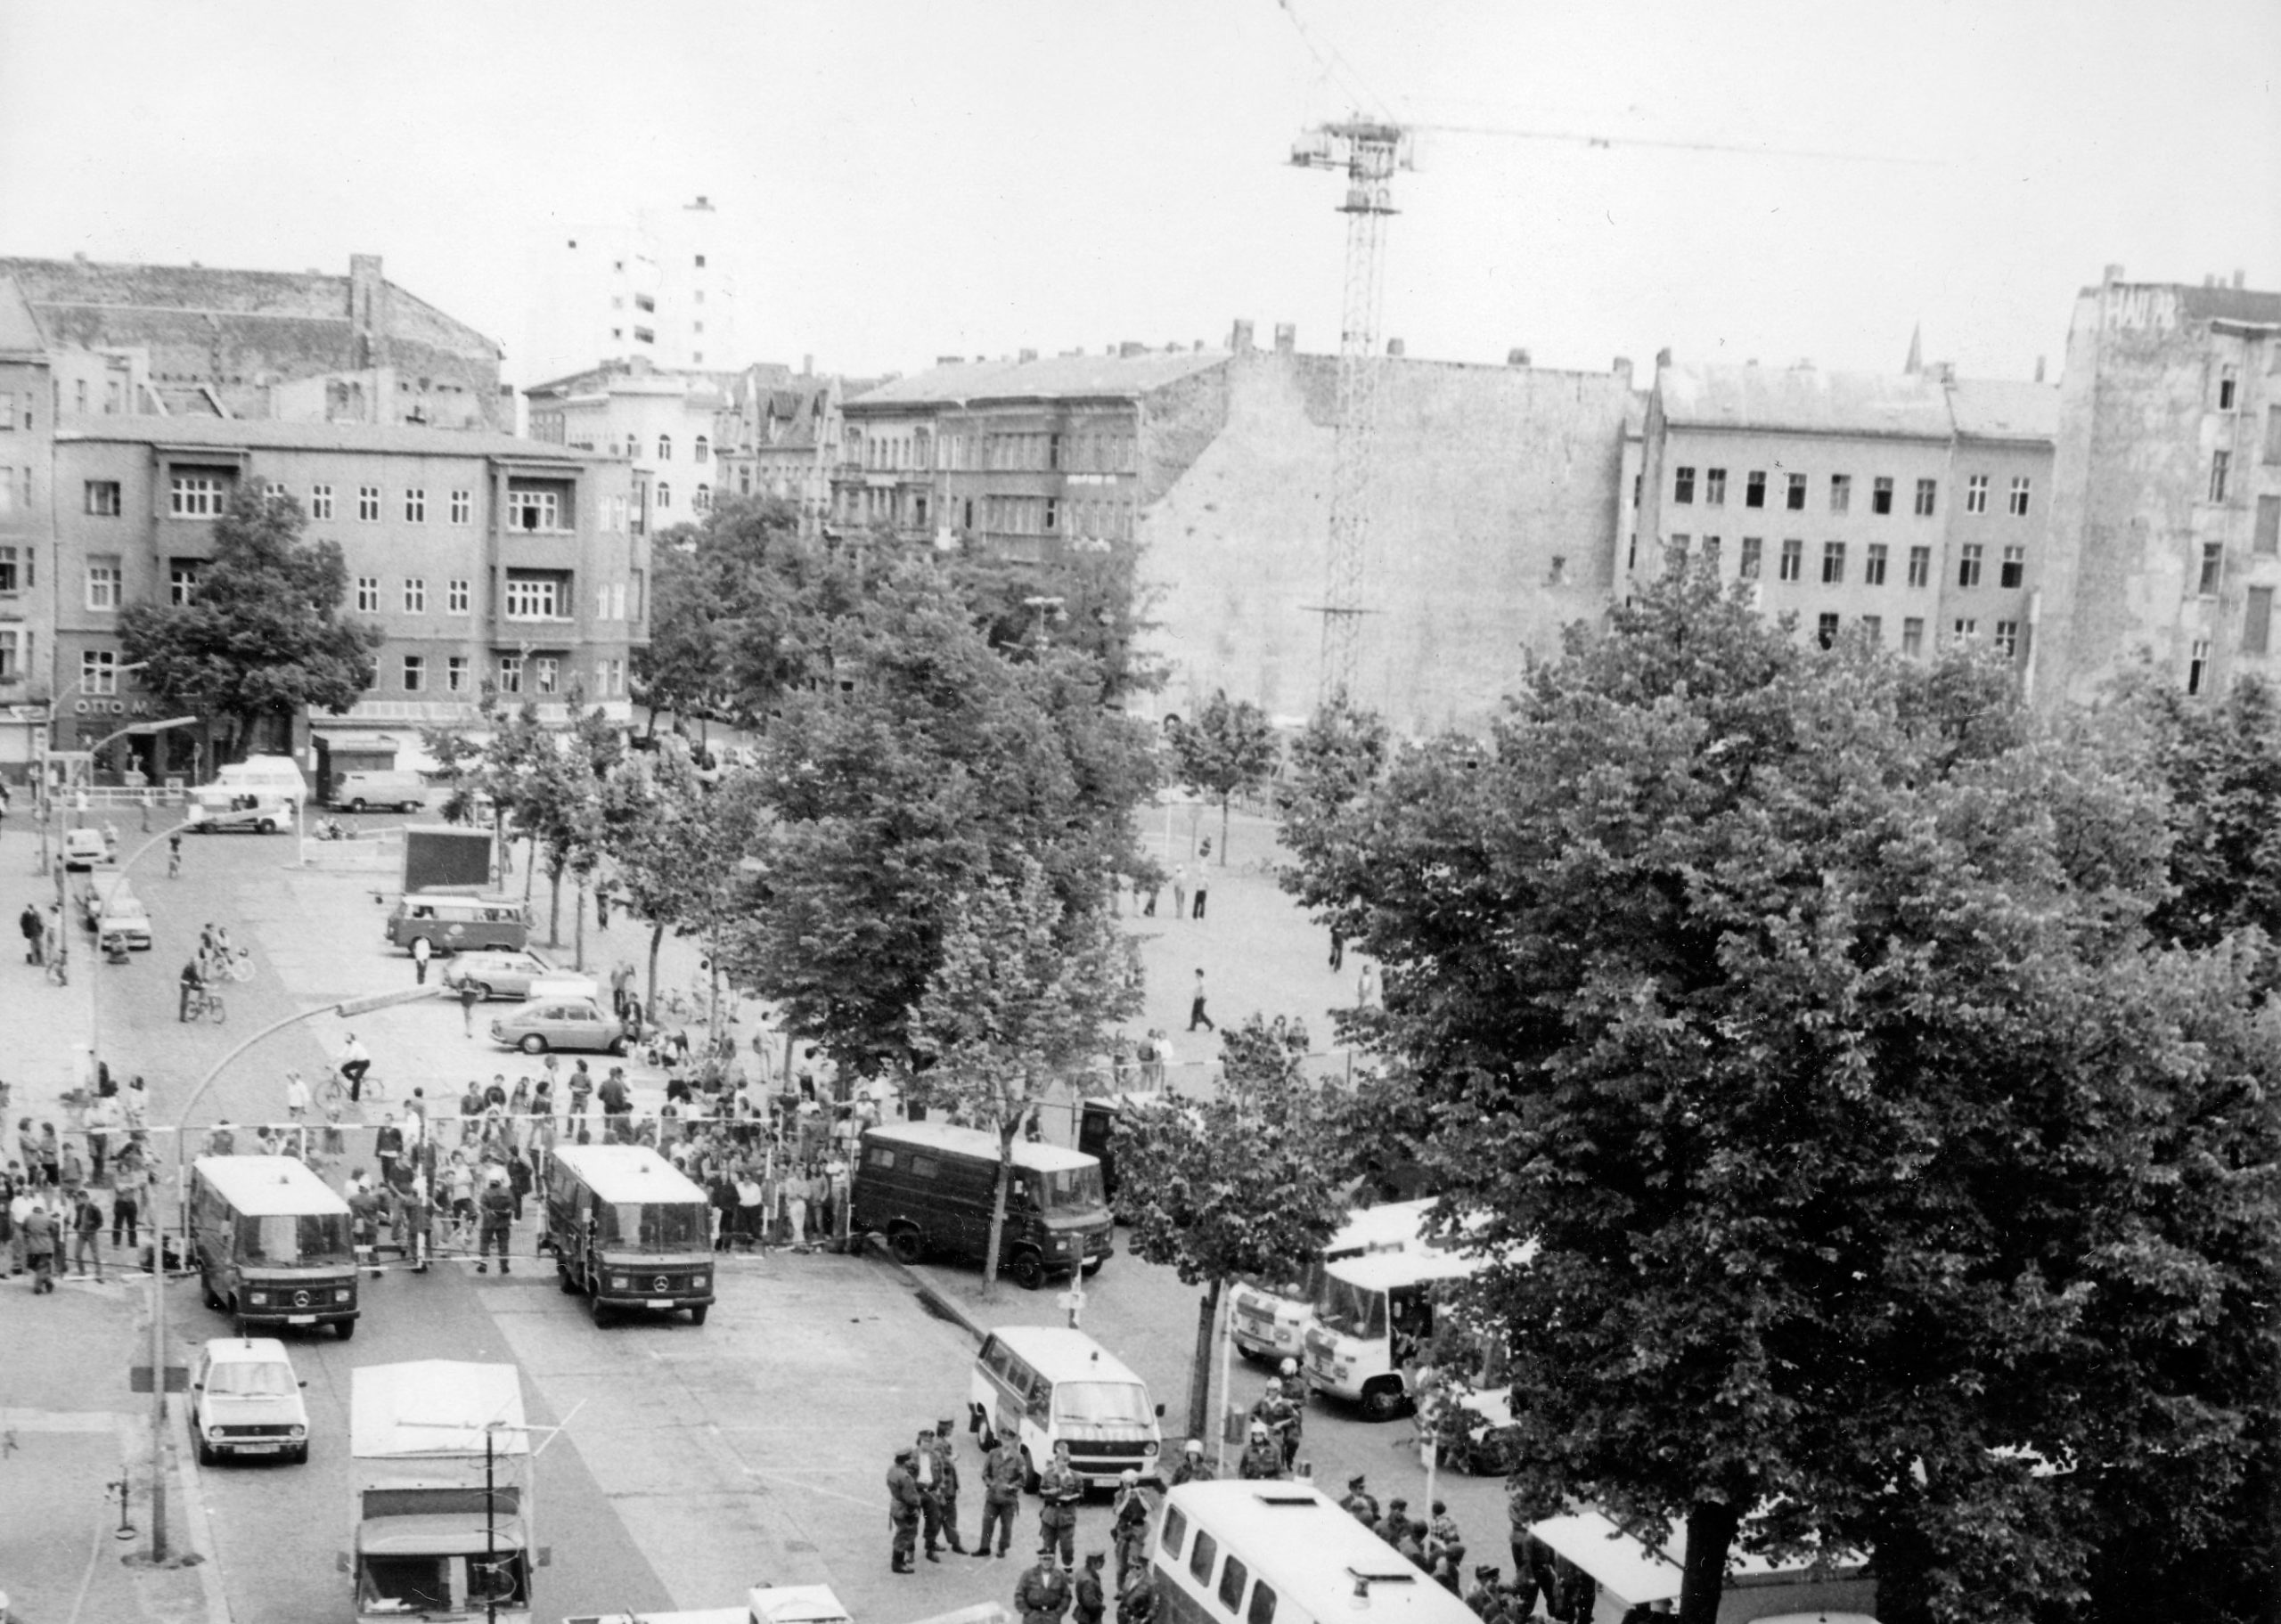 Räumung des Hauses in der Goltzstraße 30. In den 1980er-Jahren tobte nicht nur in Kreuzberg der Häuserkampf, auch in Schöneberg gab es eine rege Besetzerszene. Foto: Peter Homann